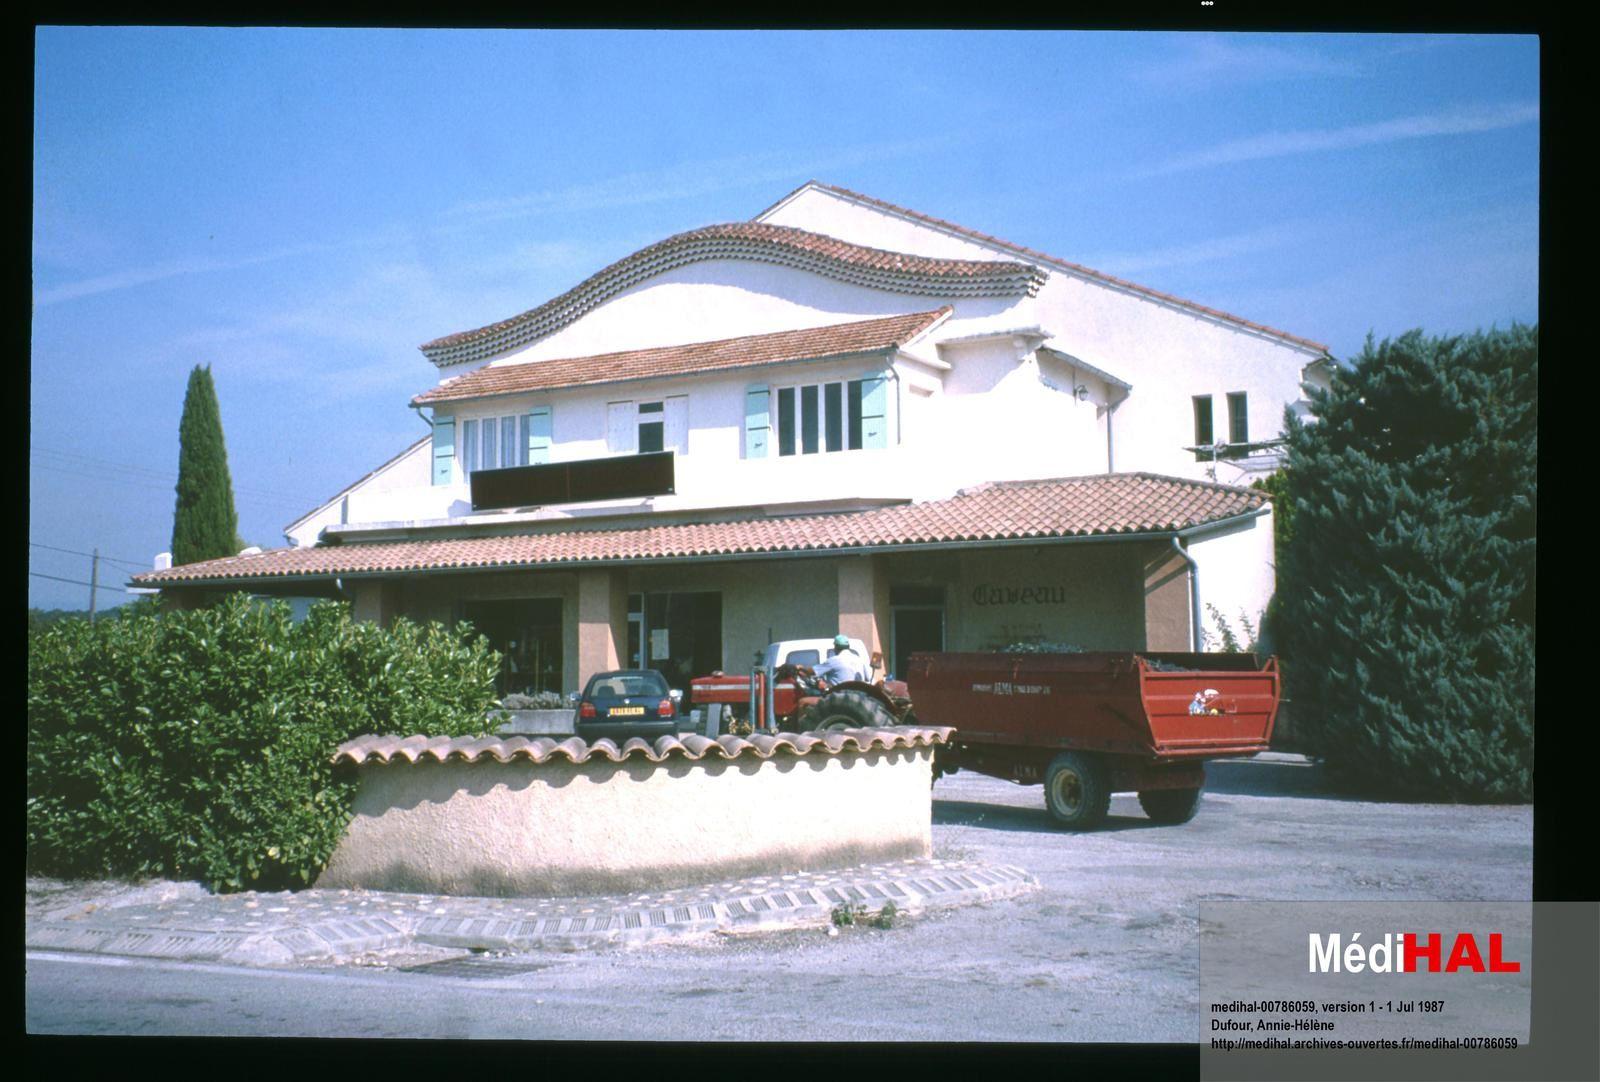 http://medihal.archives-ouvertes.fr/medihal-00786082 et http://medihal.archives-ouvertes.fr/medihal-00786059. Fonds Annie-Hélène DUFOUR.